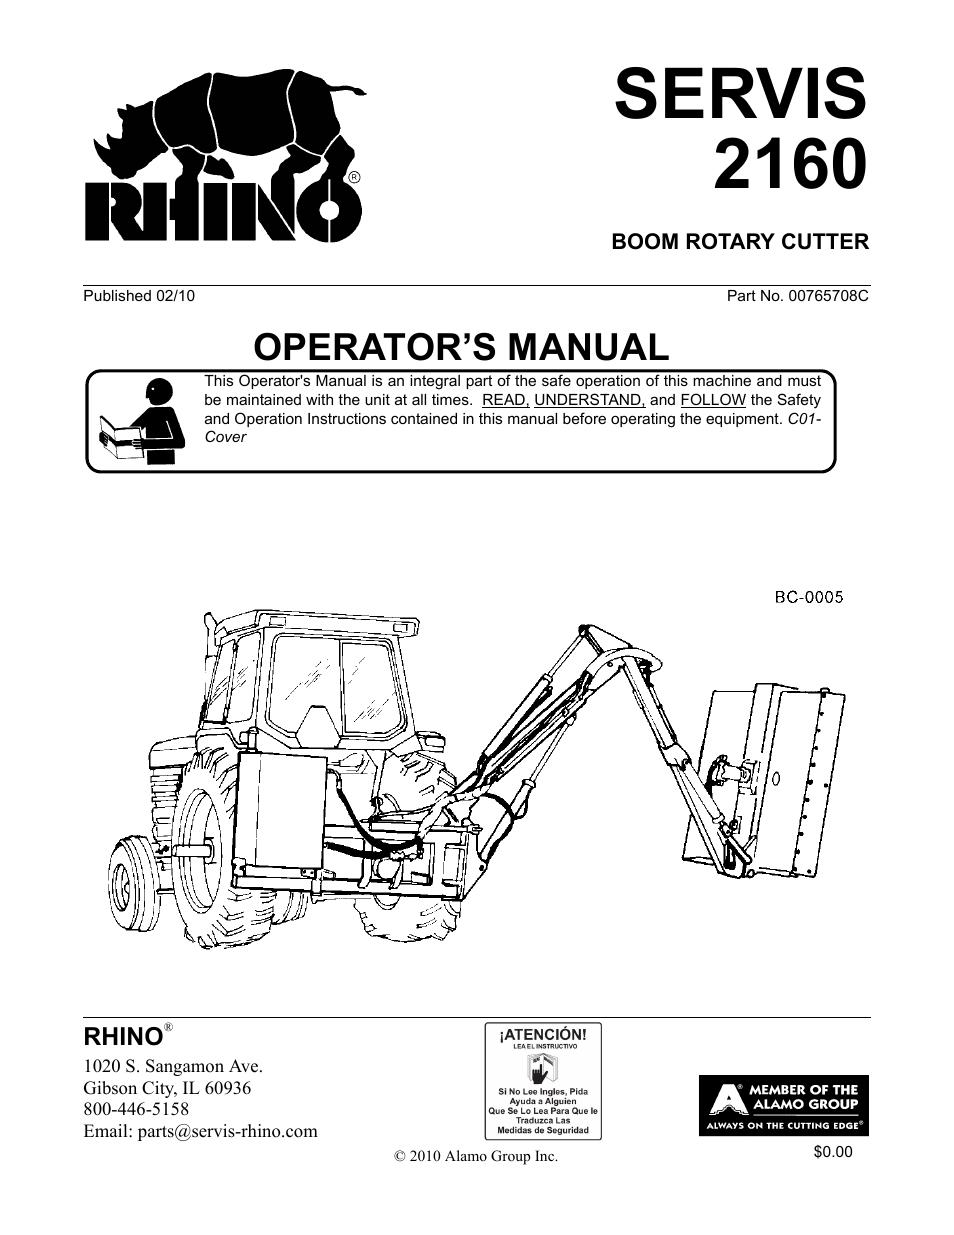 New Rhino Bush Hog Parts Diagram